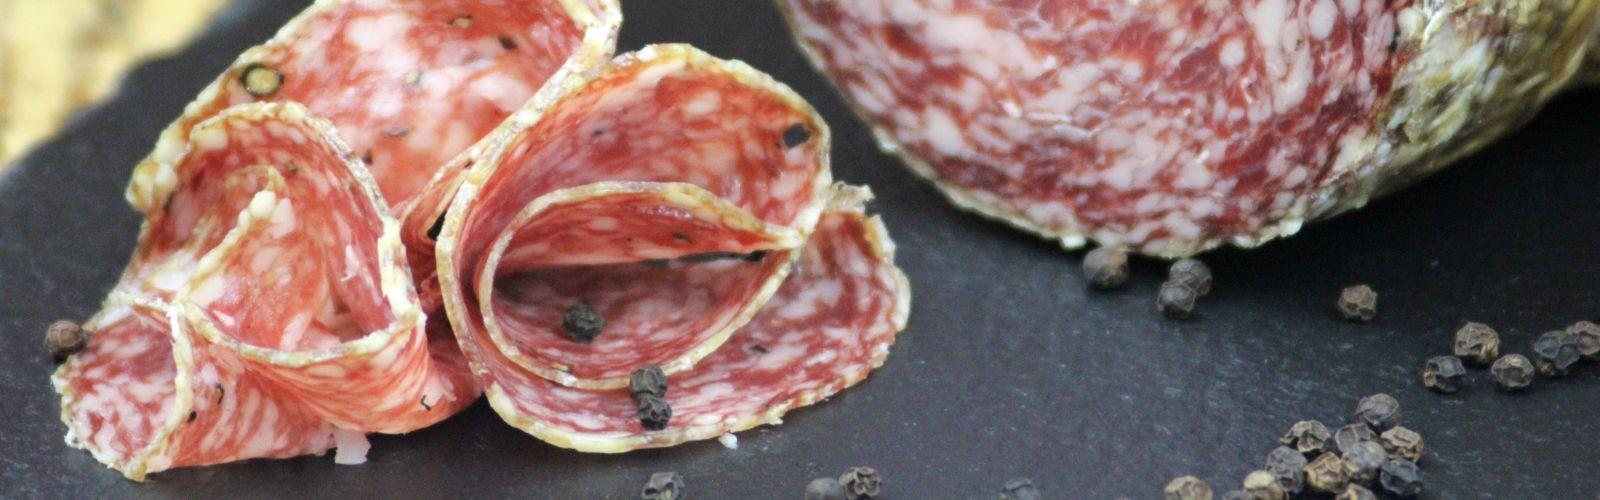 Motivbild der Seite Schinken, Salami & Spezialitäten / Salamis